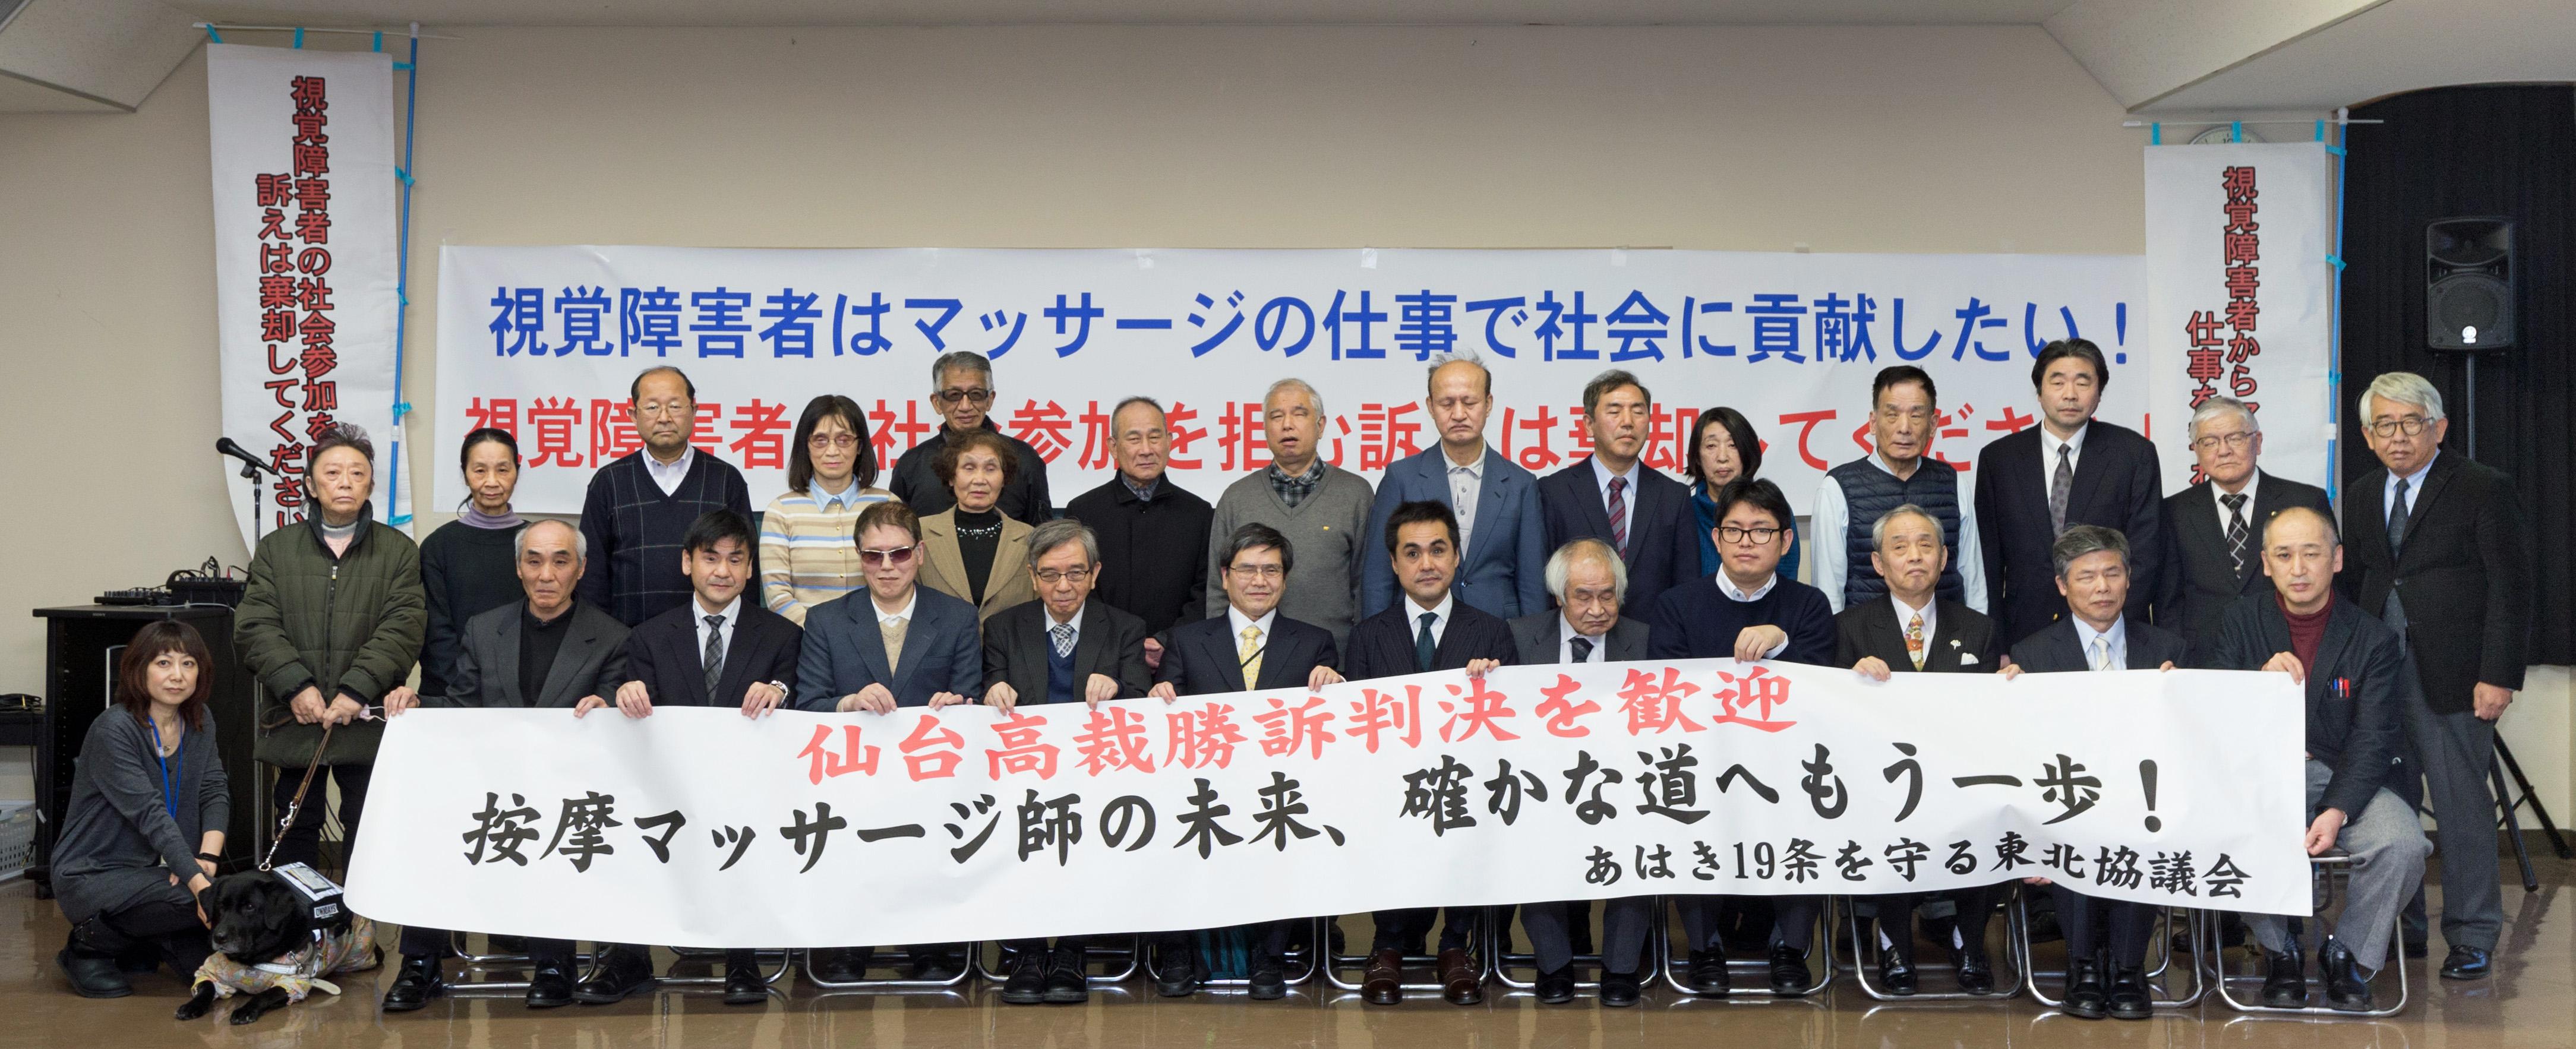 宮城県視覚障害者情報センターにおいて行われた集会の集合写真